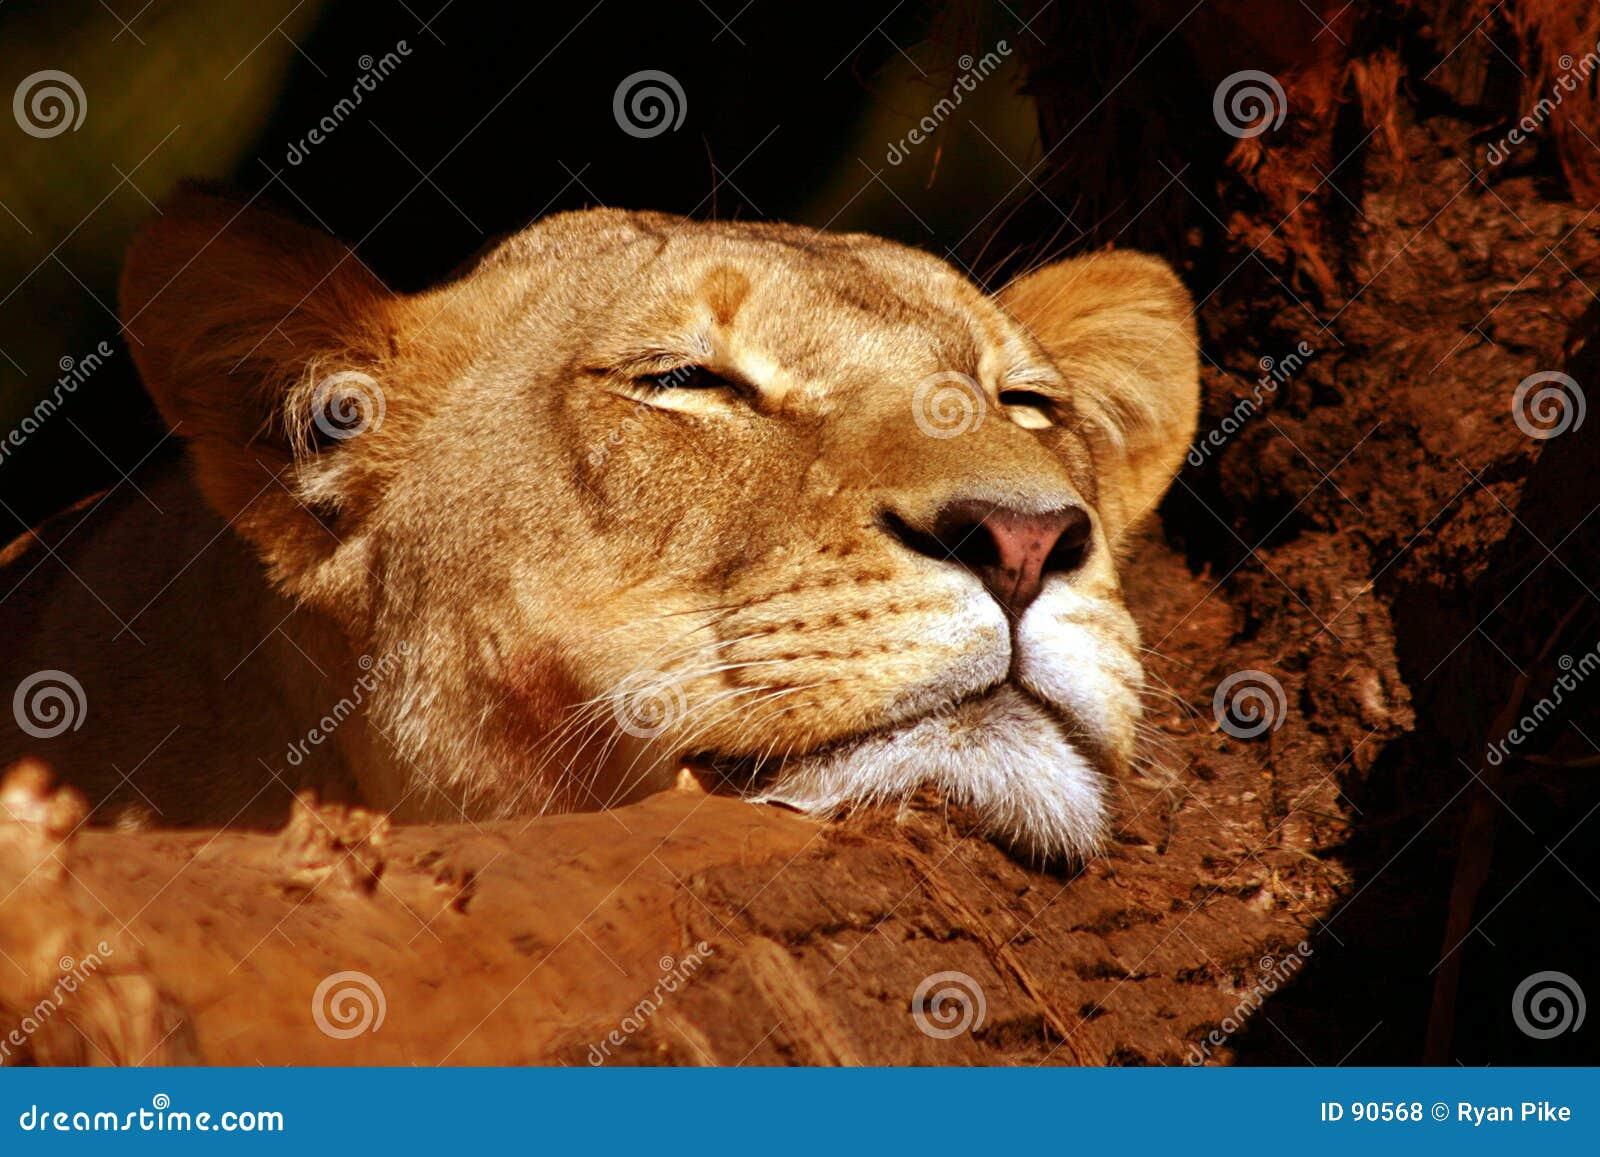 lion-de-repos-90568